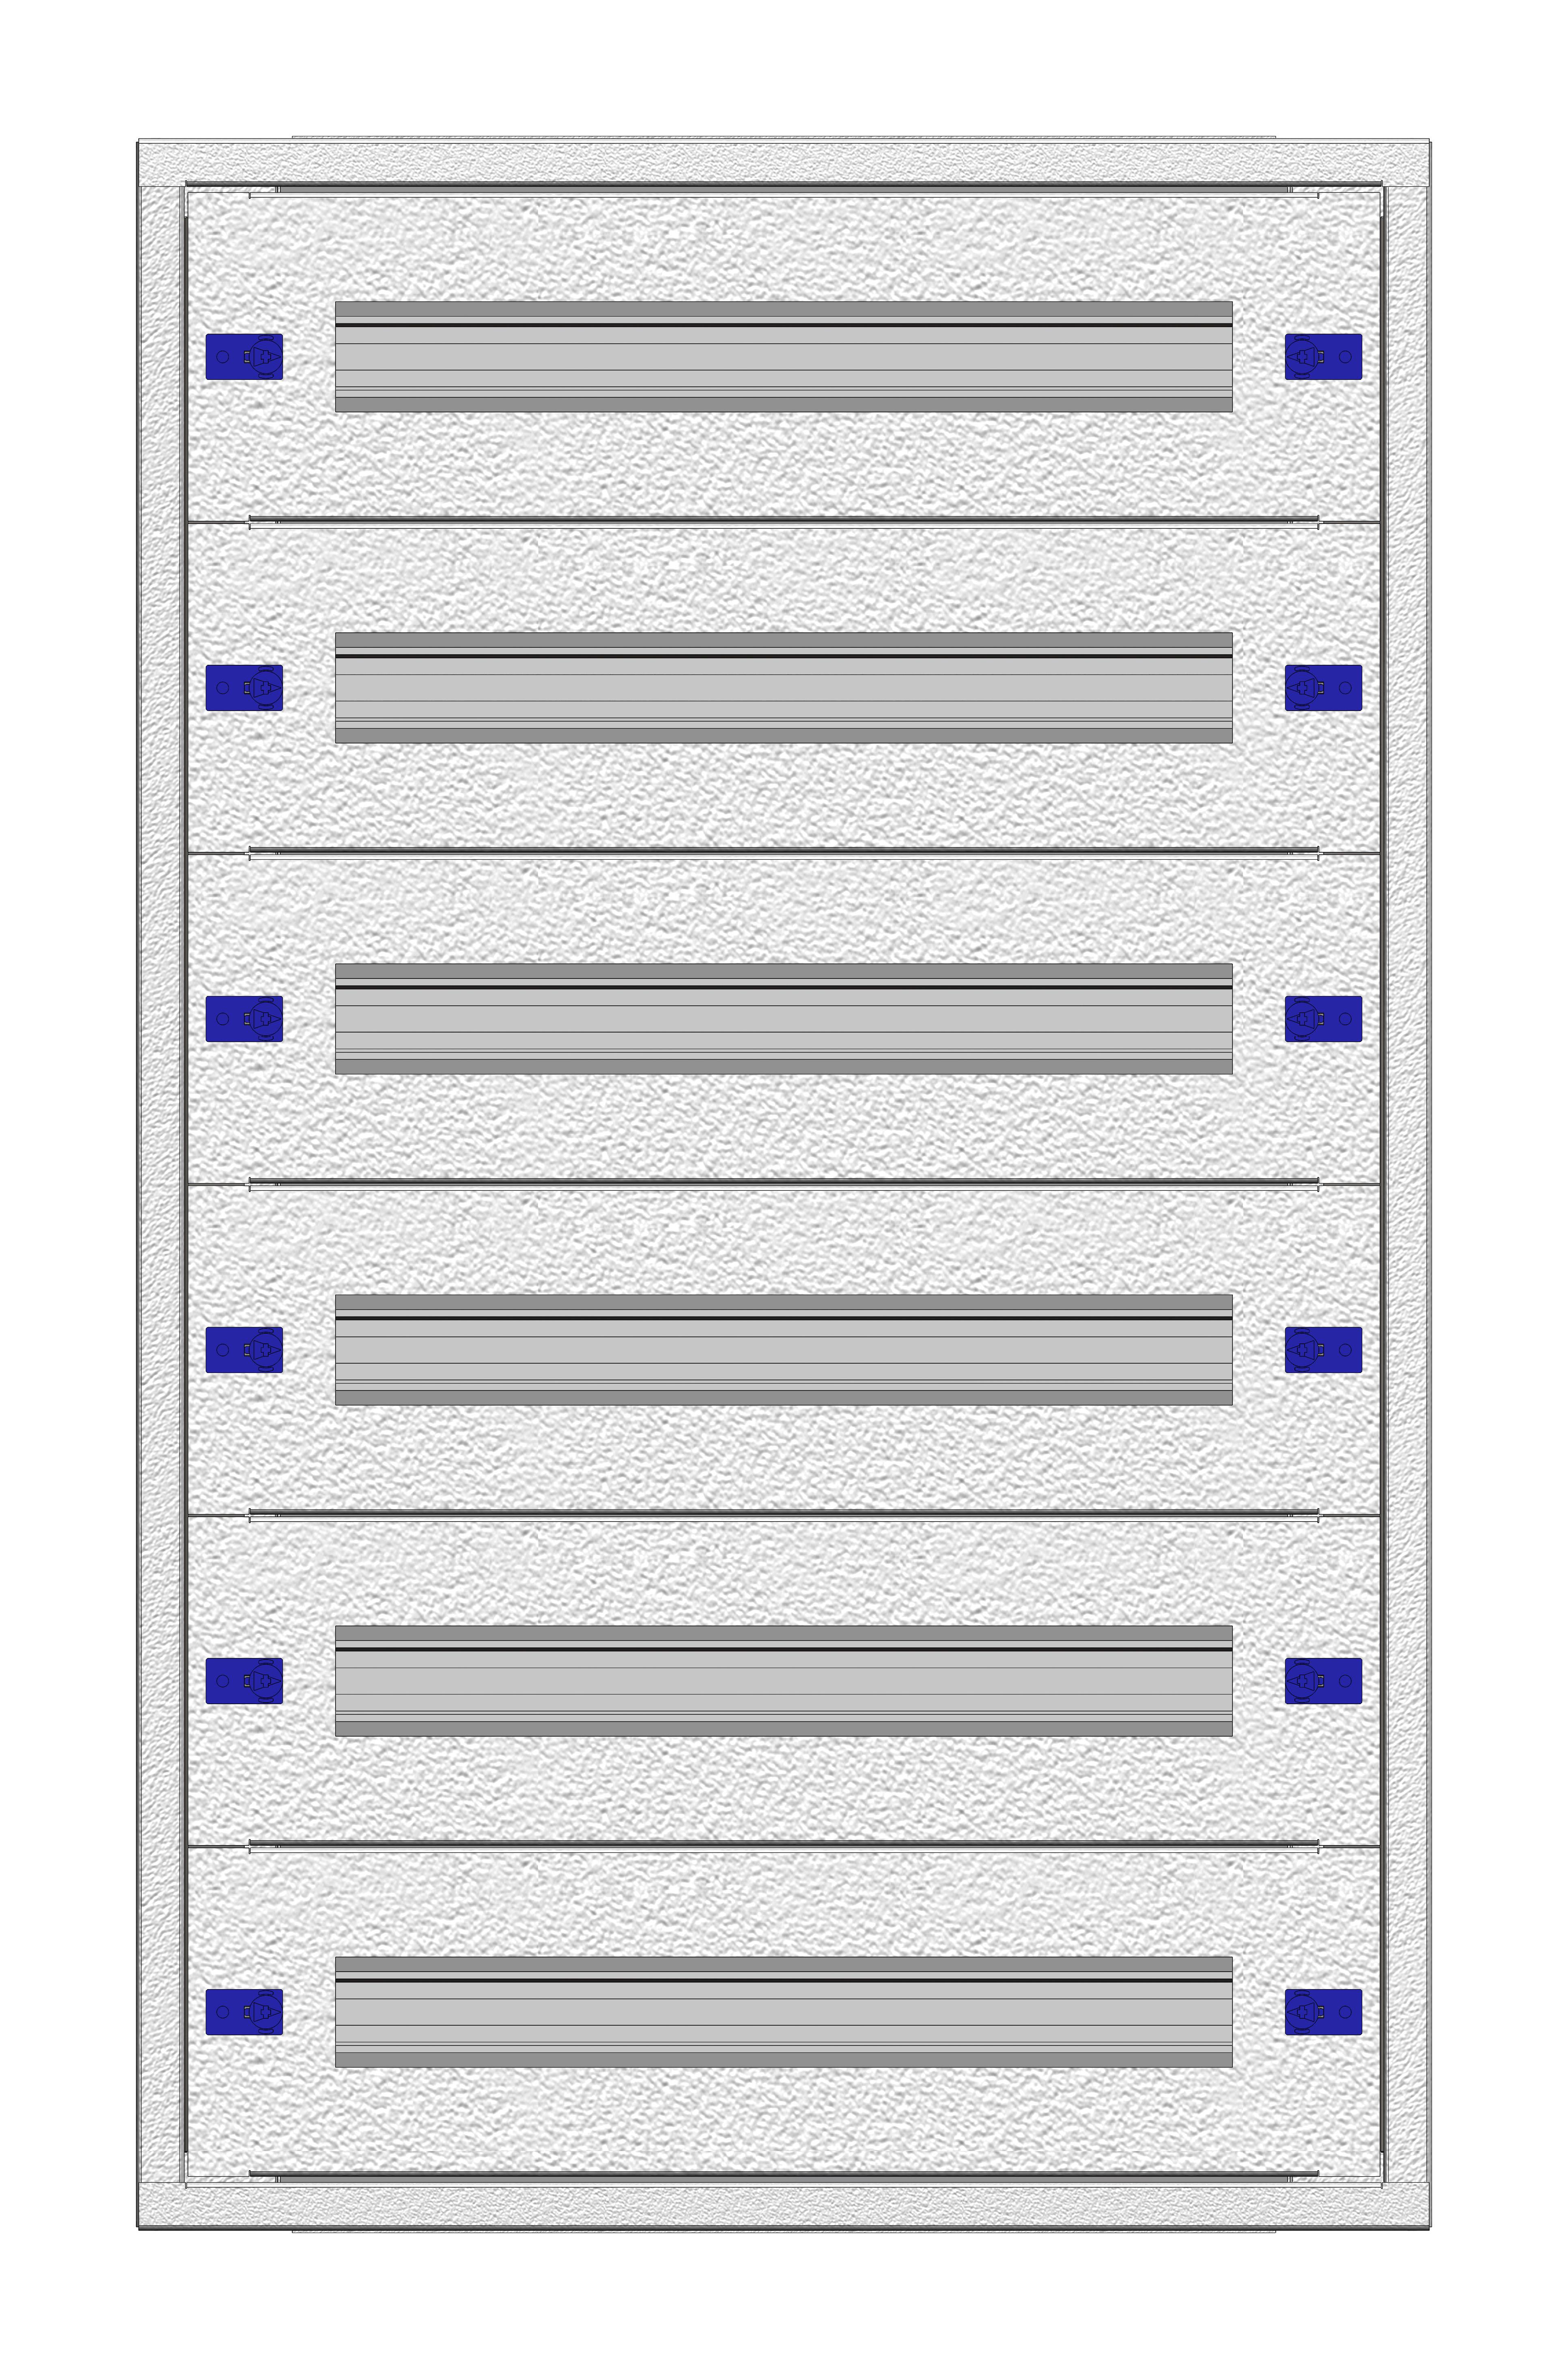 1 Stk Aufputz-Installationsverteiler 2A-18K, H915B590T250mm IL172218AS